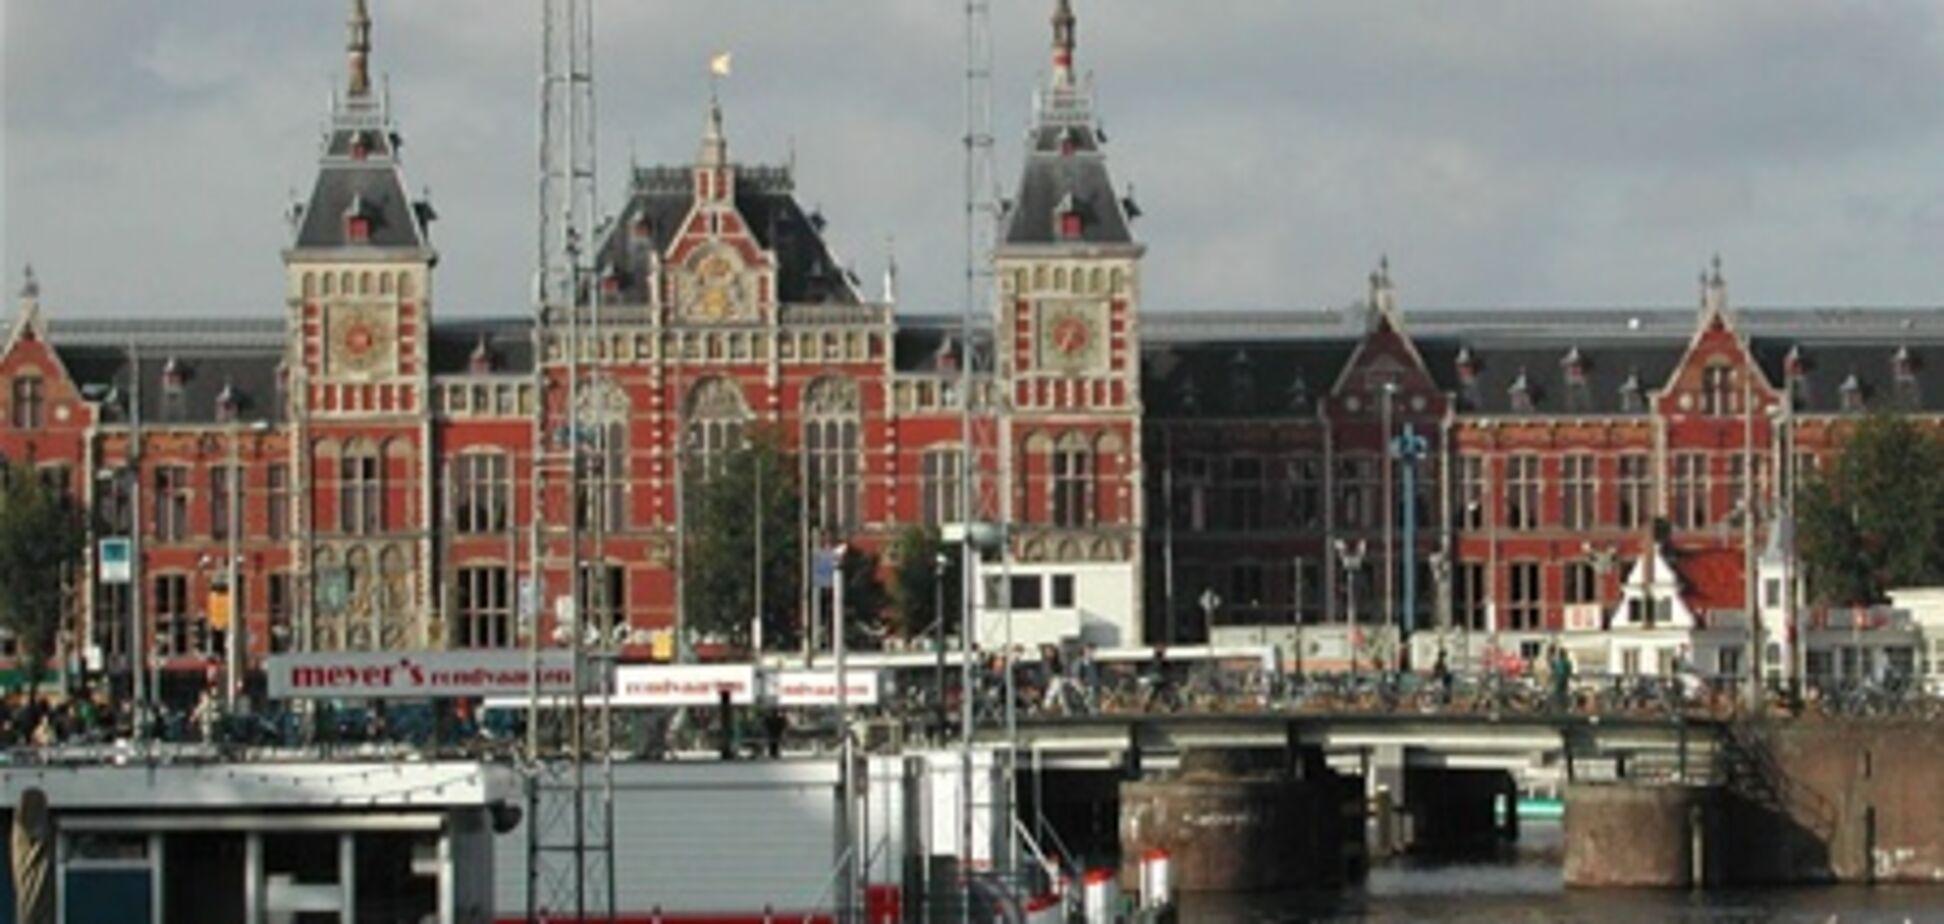 Недвижимость Нидерландов: жилье за разумные деньги?